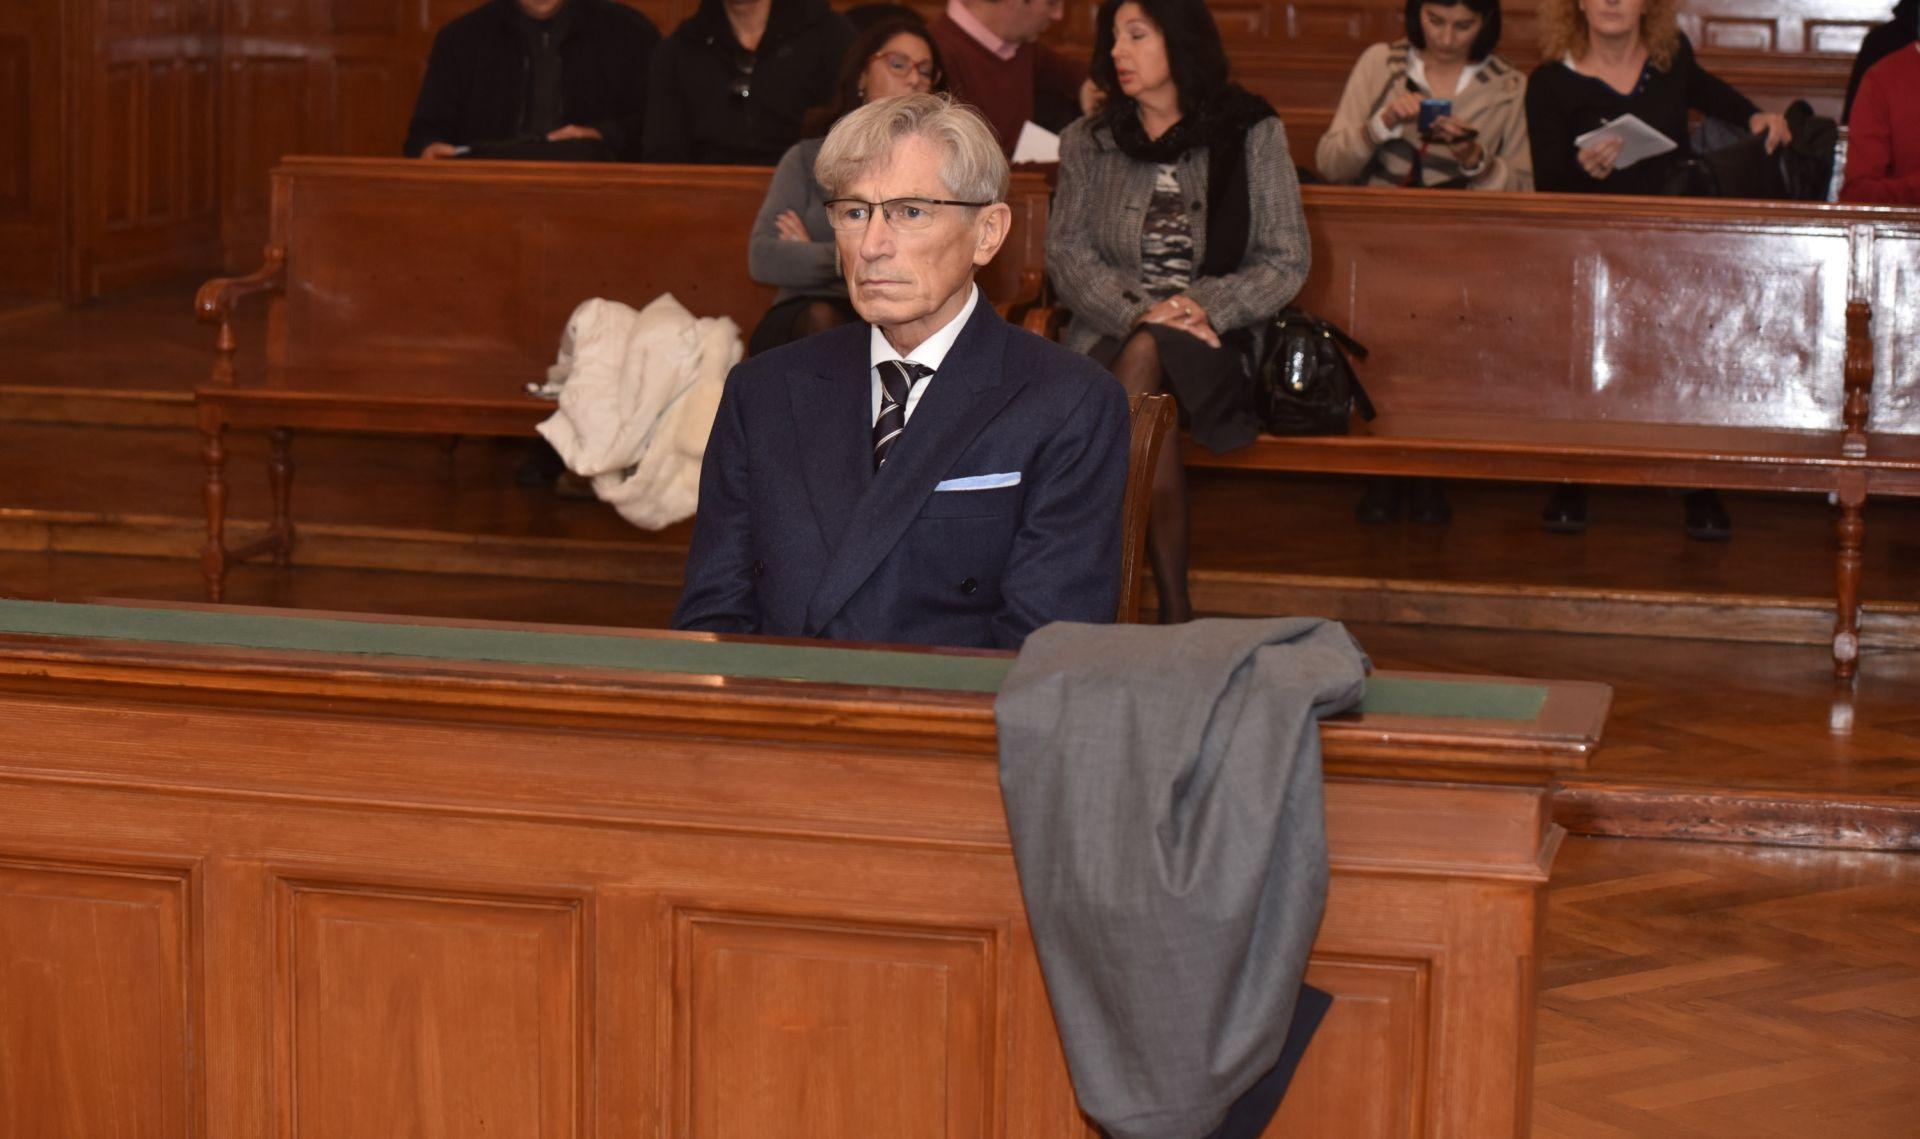 PONOVNO SUĐENJE: Horvatinčiću srušena presuda za nesreću u kojoj su poginuli talijanski supružnici